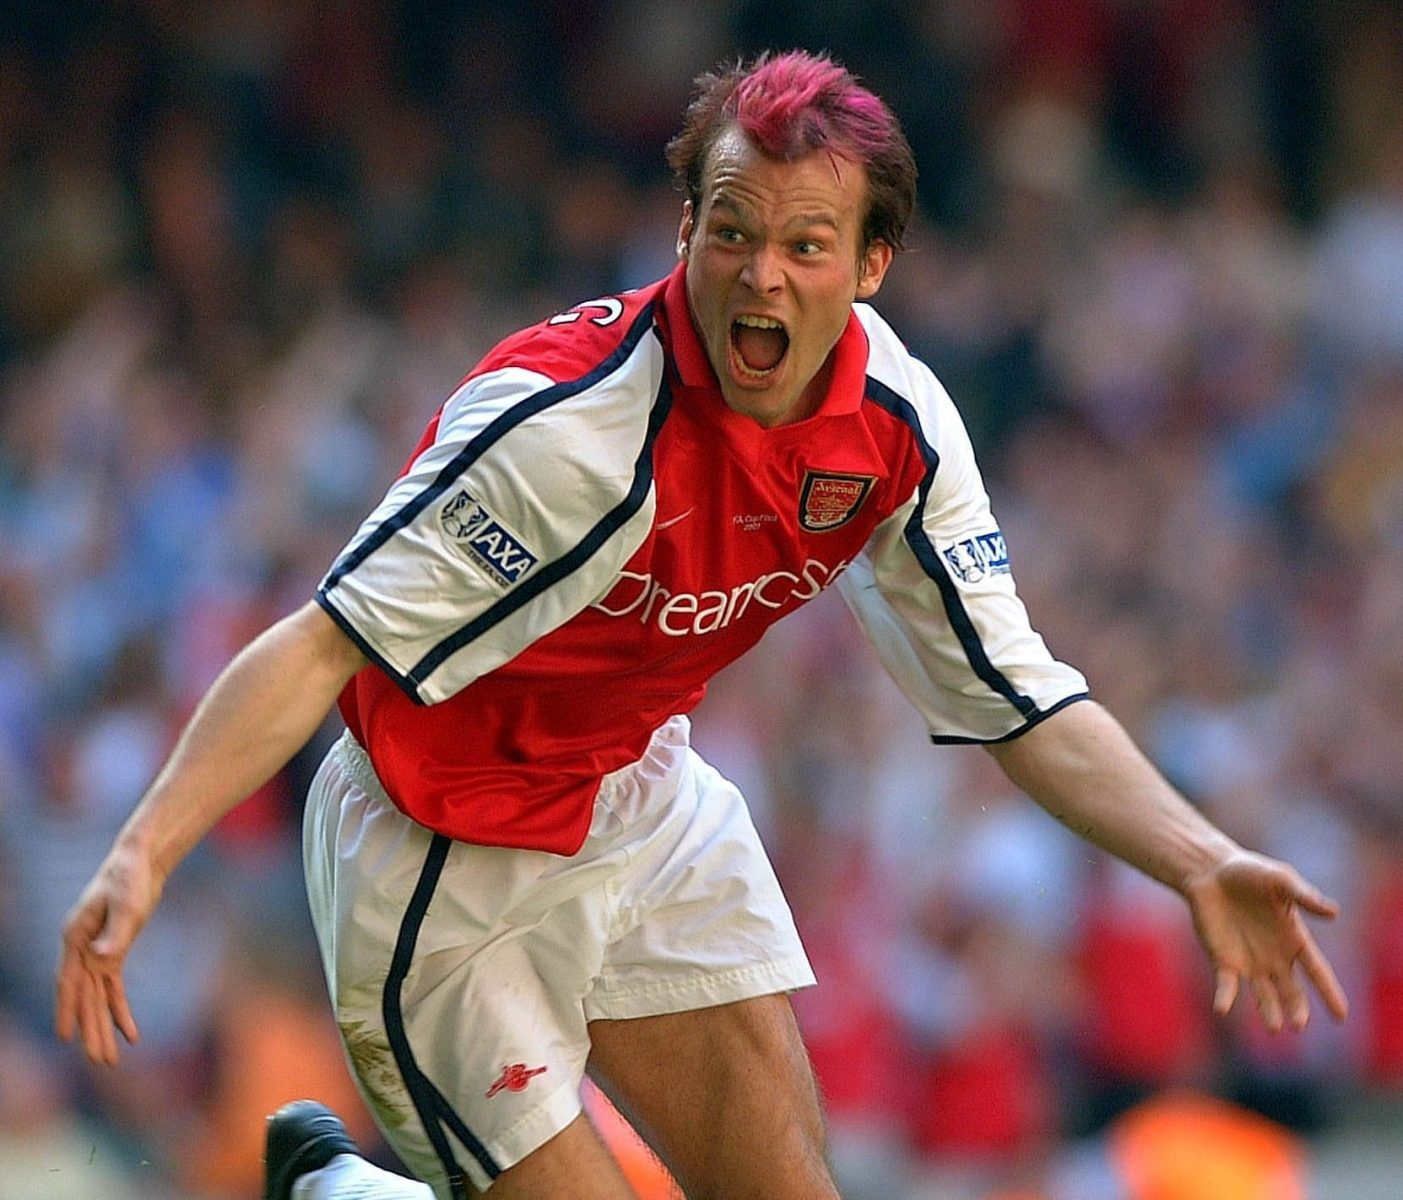 Recunoști fotbaliștii după tunsori. Sursă foto: thesun.co.uk